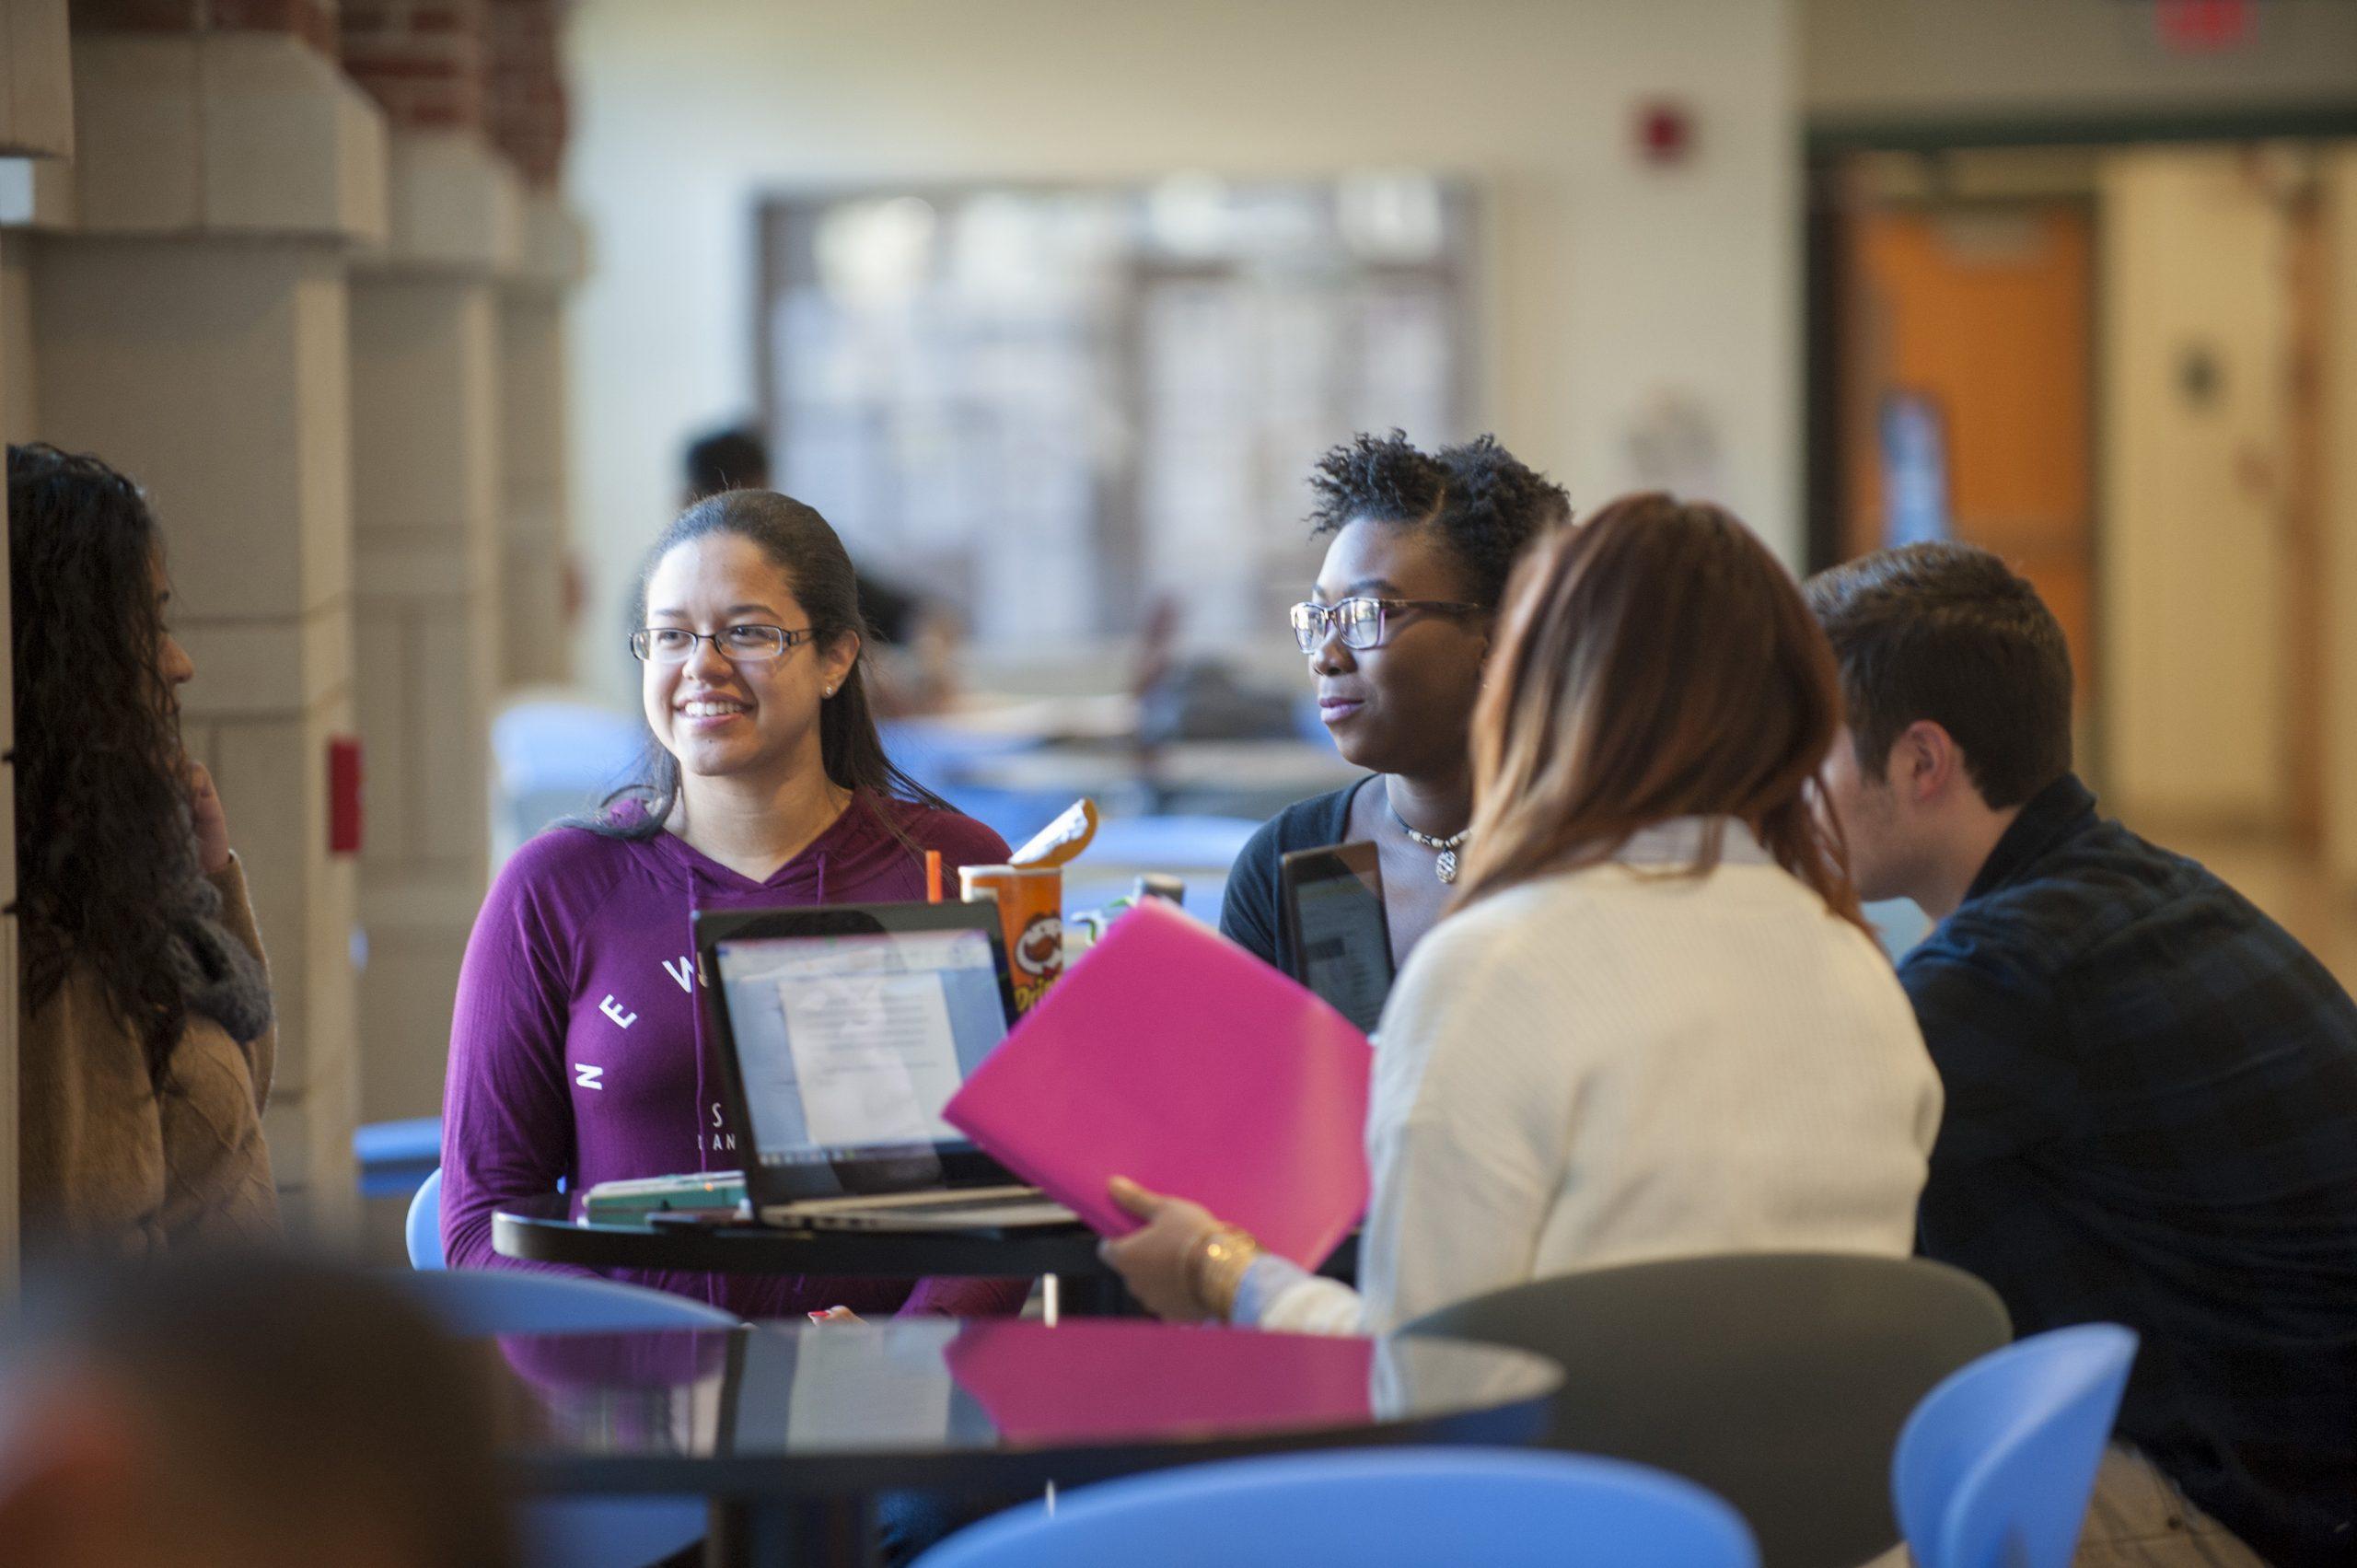 grupo de estudantes em biblioteca